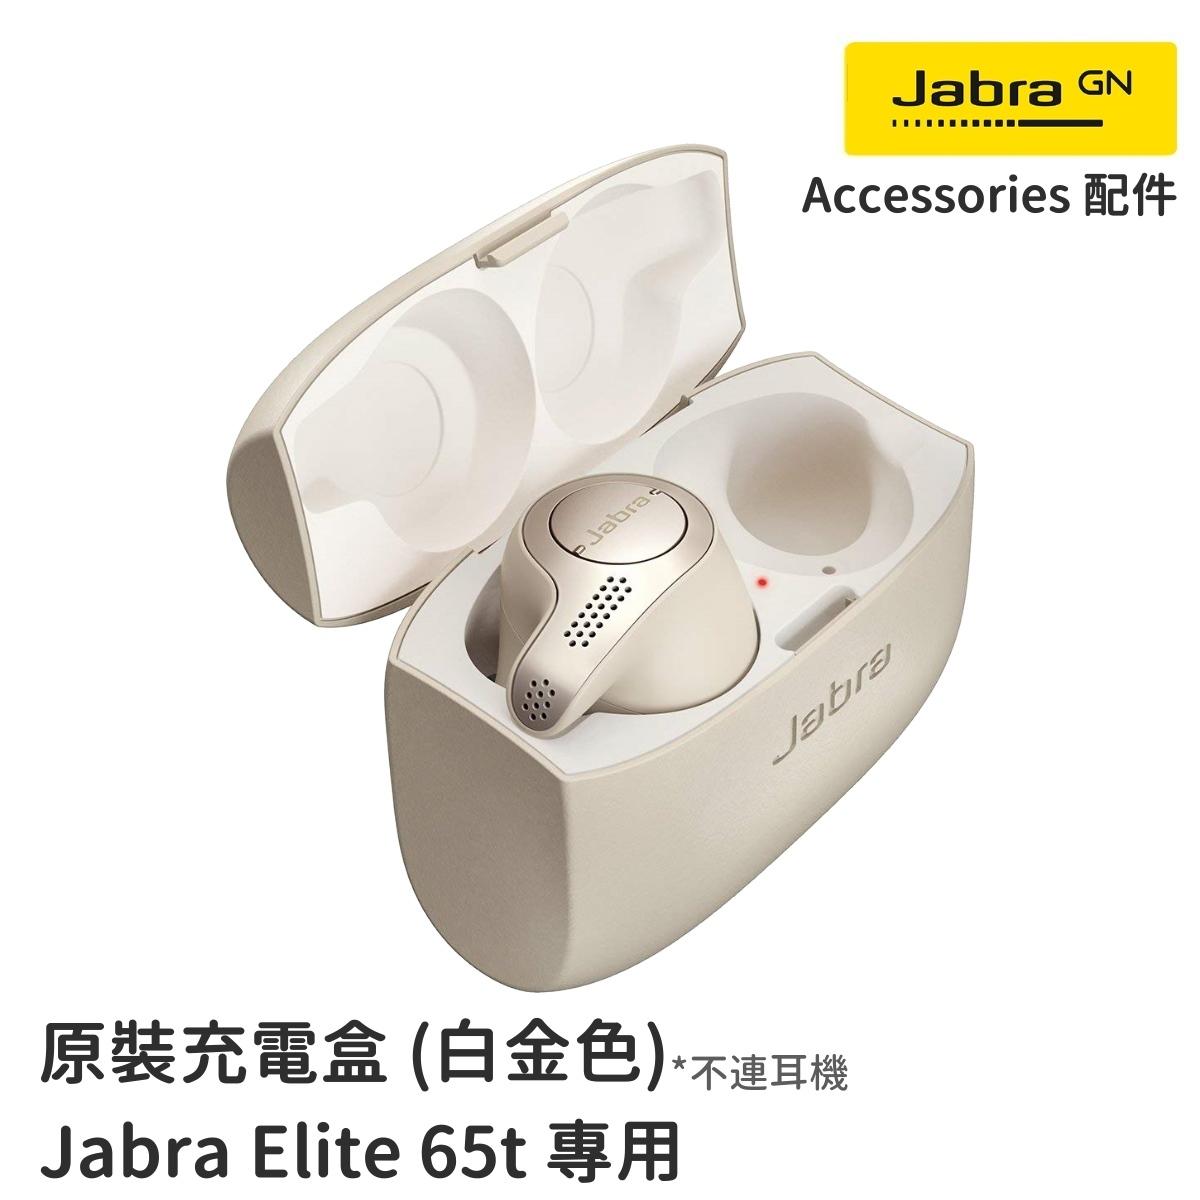 便攜充電盒 (鉑金色) - Elite 65t 適用【香港行貨】